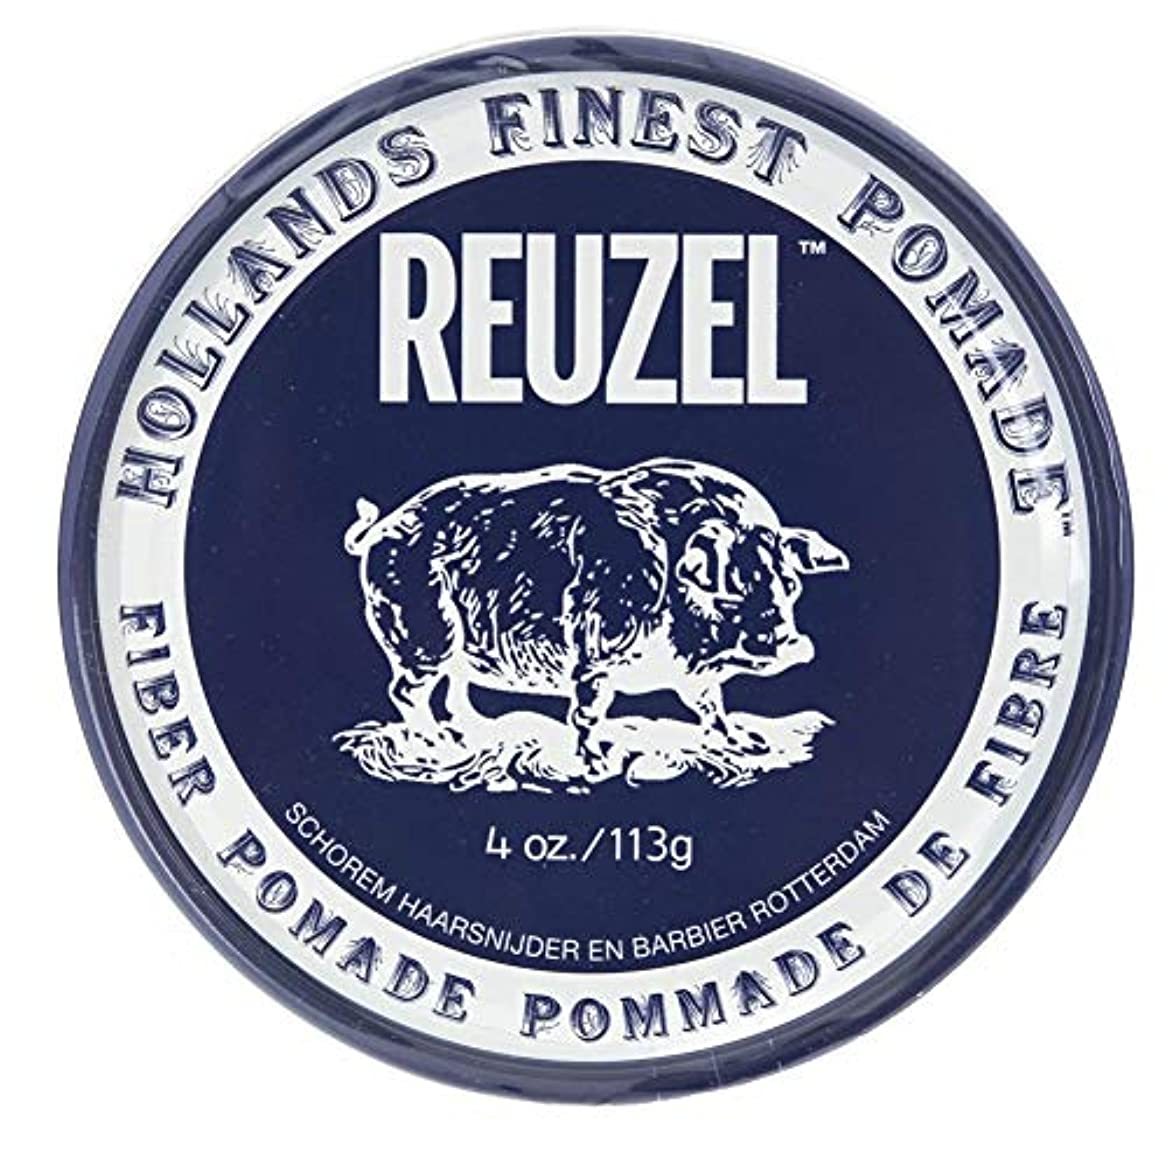 集中狂うスケートルーゾー ネイビー ファイバー ポマード Reuzel Navy Fiber Pomade 113 g [並行輸入品]